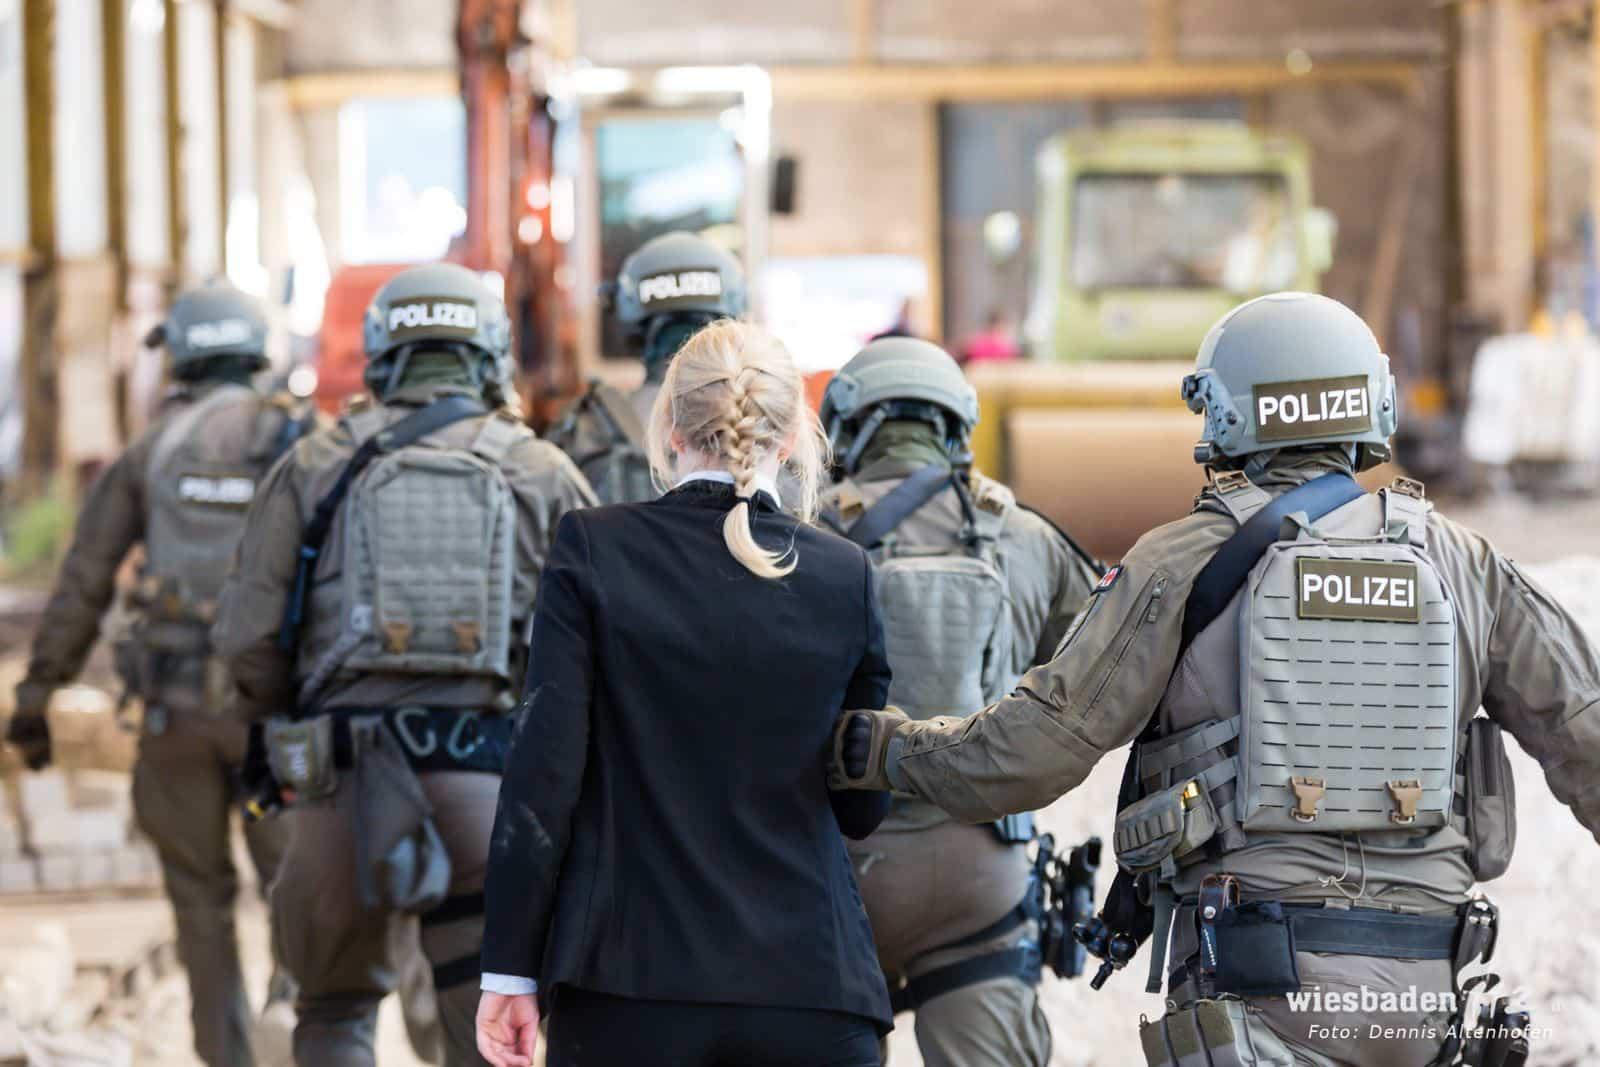 Eine Frau in schicker Kleidung wird von mehreren Polizisten in Einsatzkleidung weggeführt.